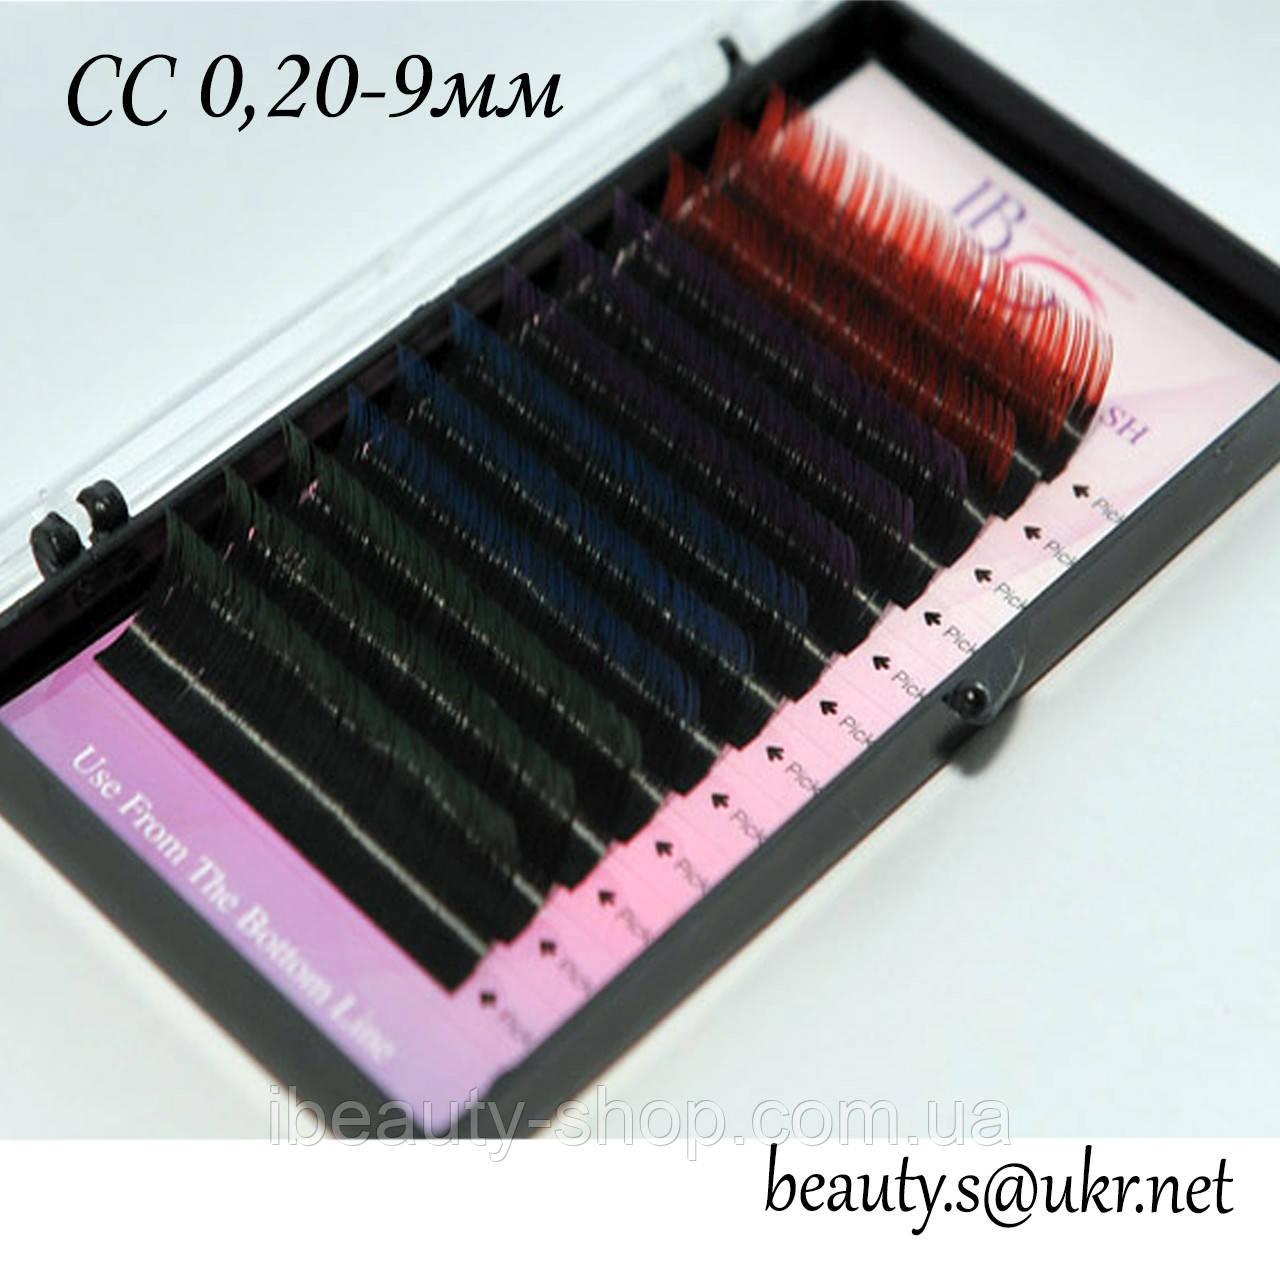 Вії I-Beauty, CC 0,20-9мм,кольорові кінці,4 кольори